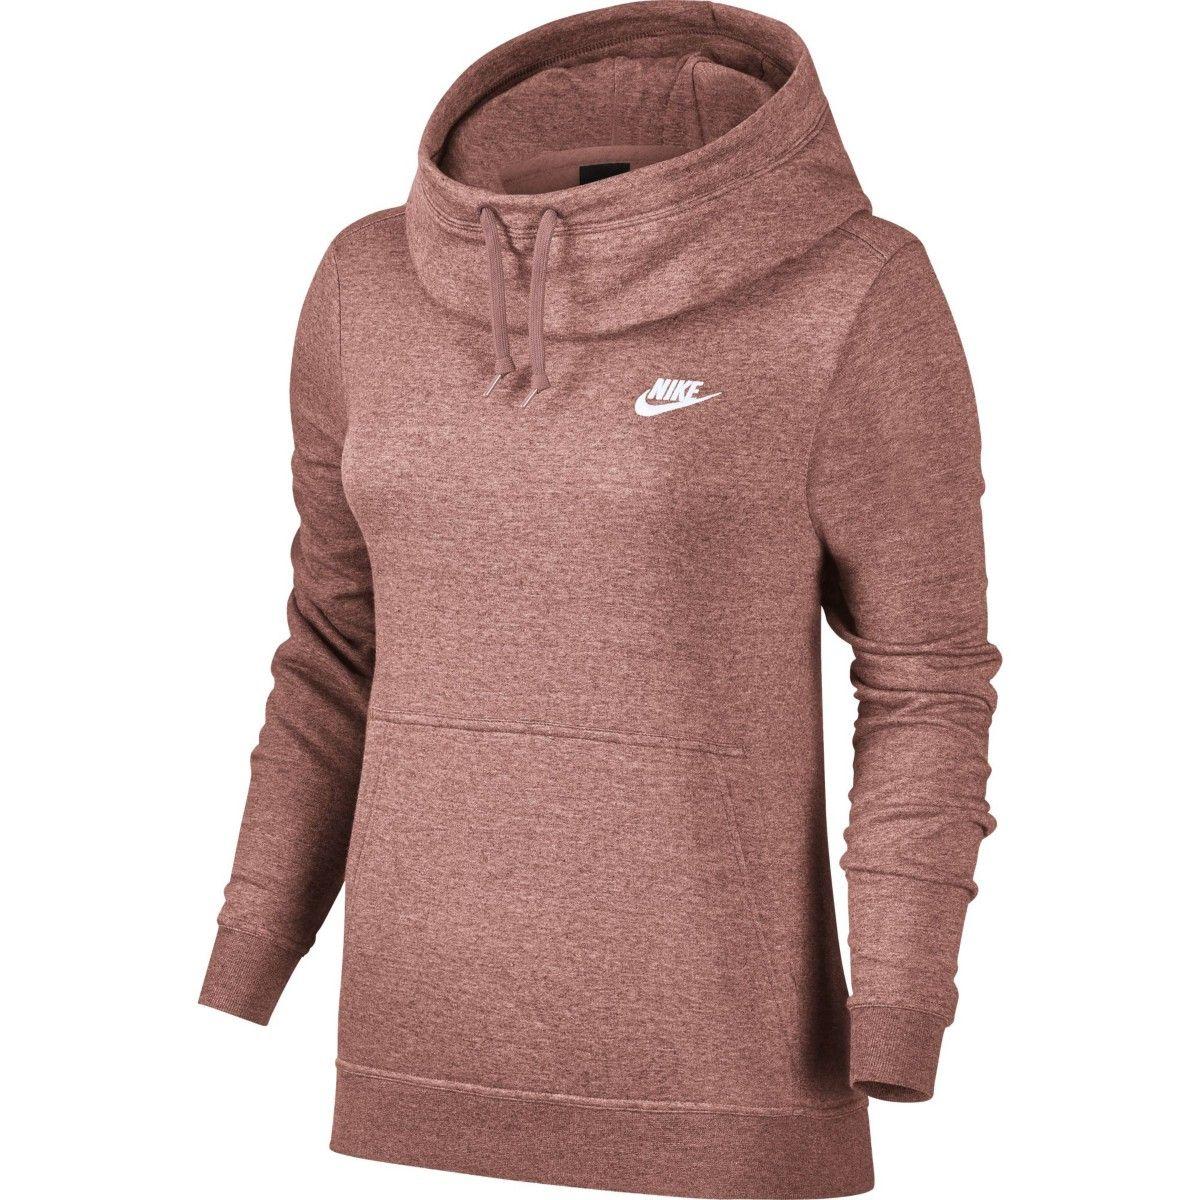 Pin By Women Workout Clothes On Clothes Funnel Neck Hoodie Nike Sportswear Women Sportswear Women [ 1200 x 1200 Pixel ]